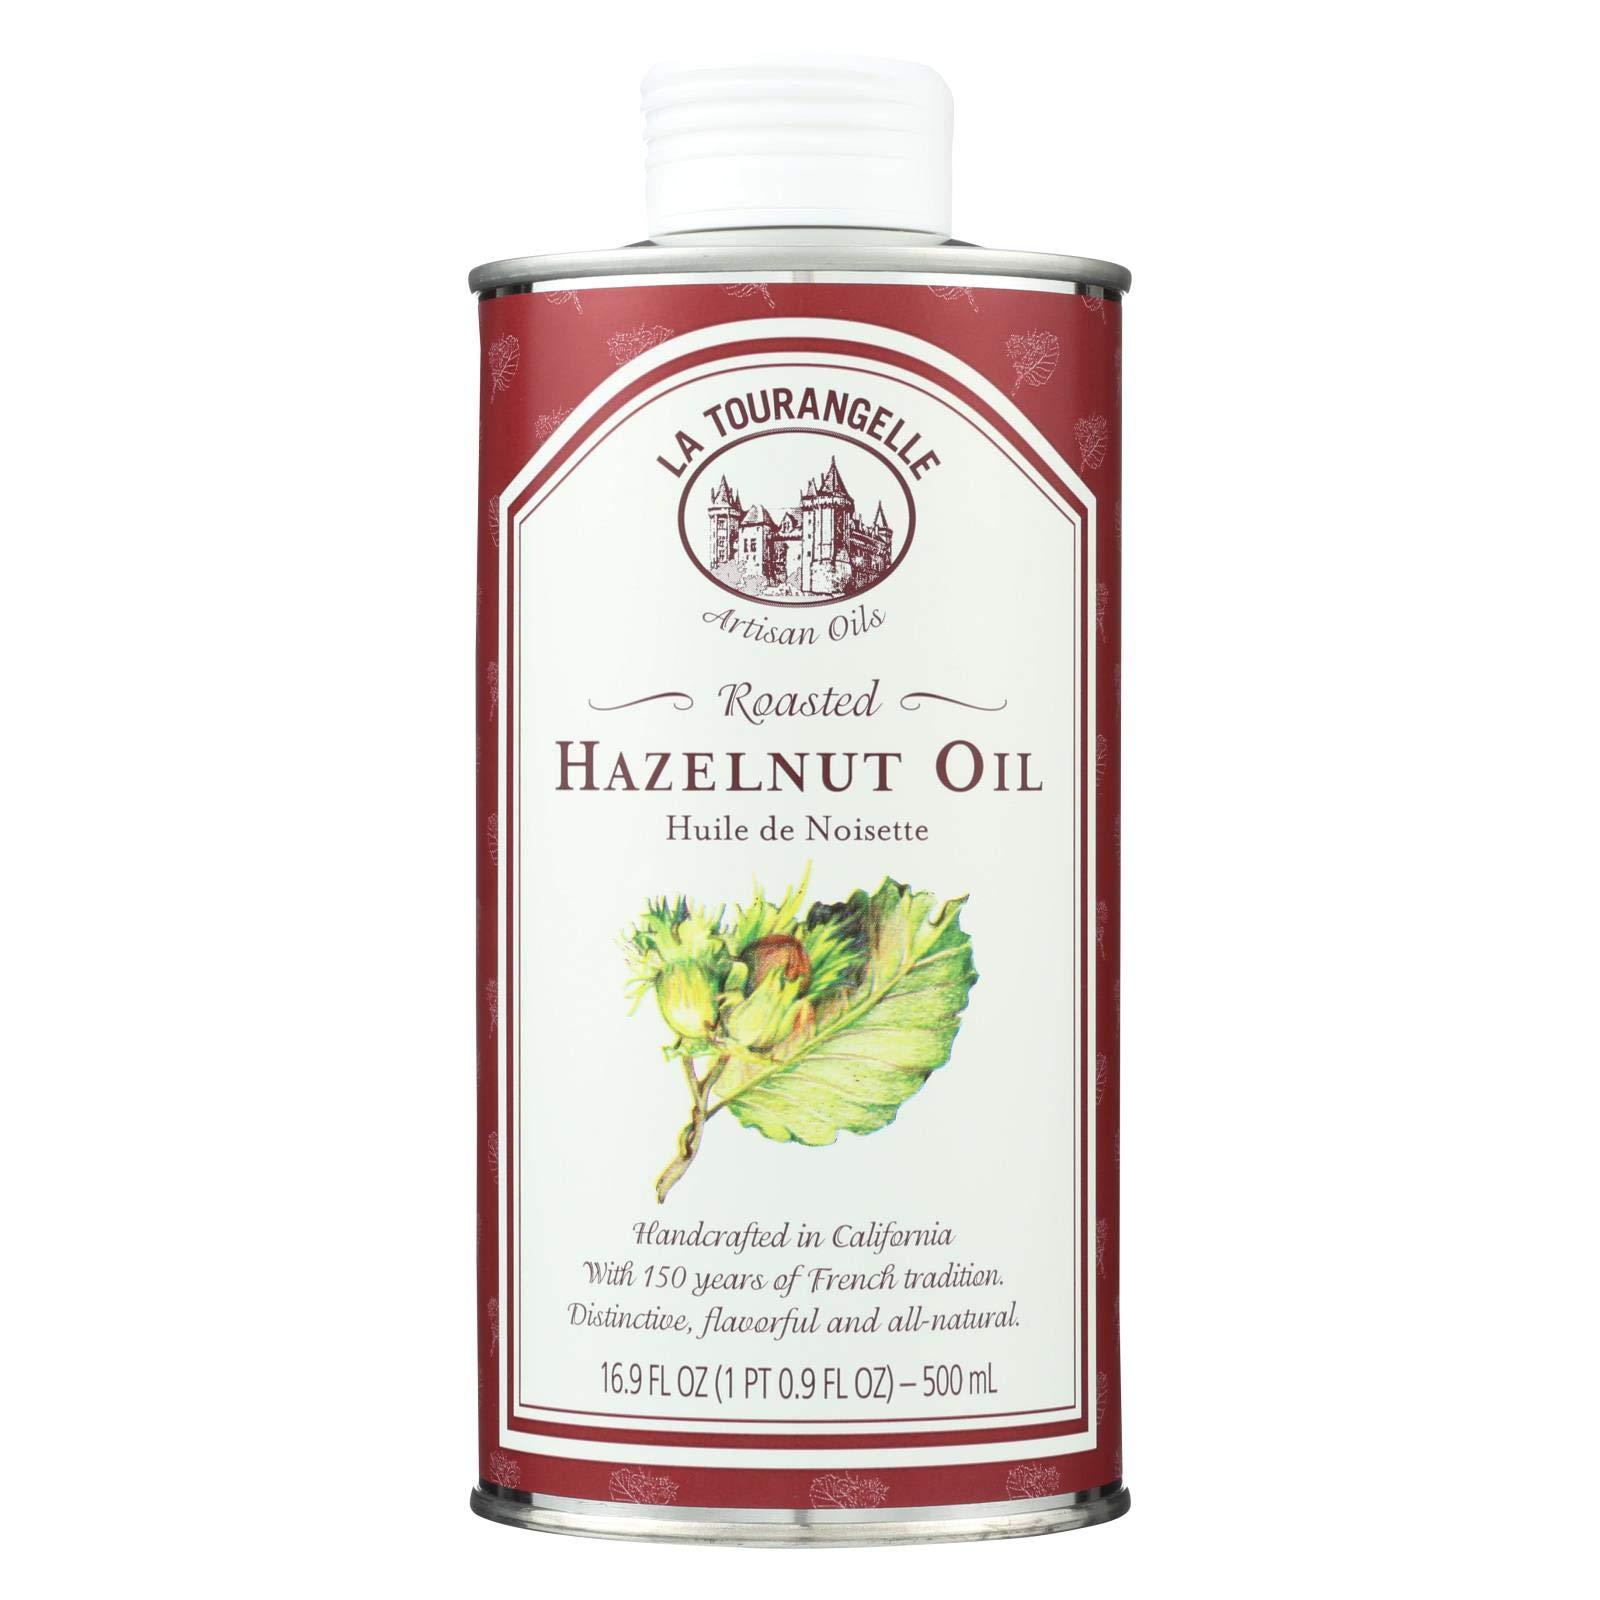 LA TOURANGELLE Roasted Hazelnut Oil, 500 ML by La Tourangelle